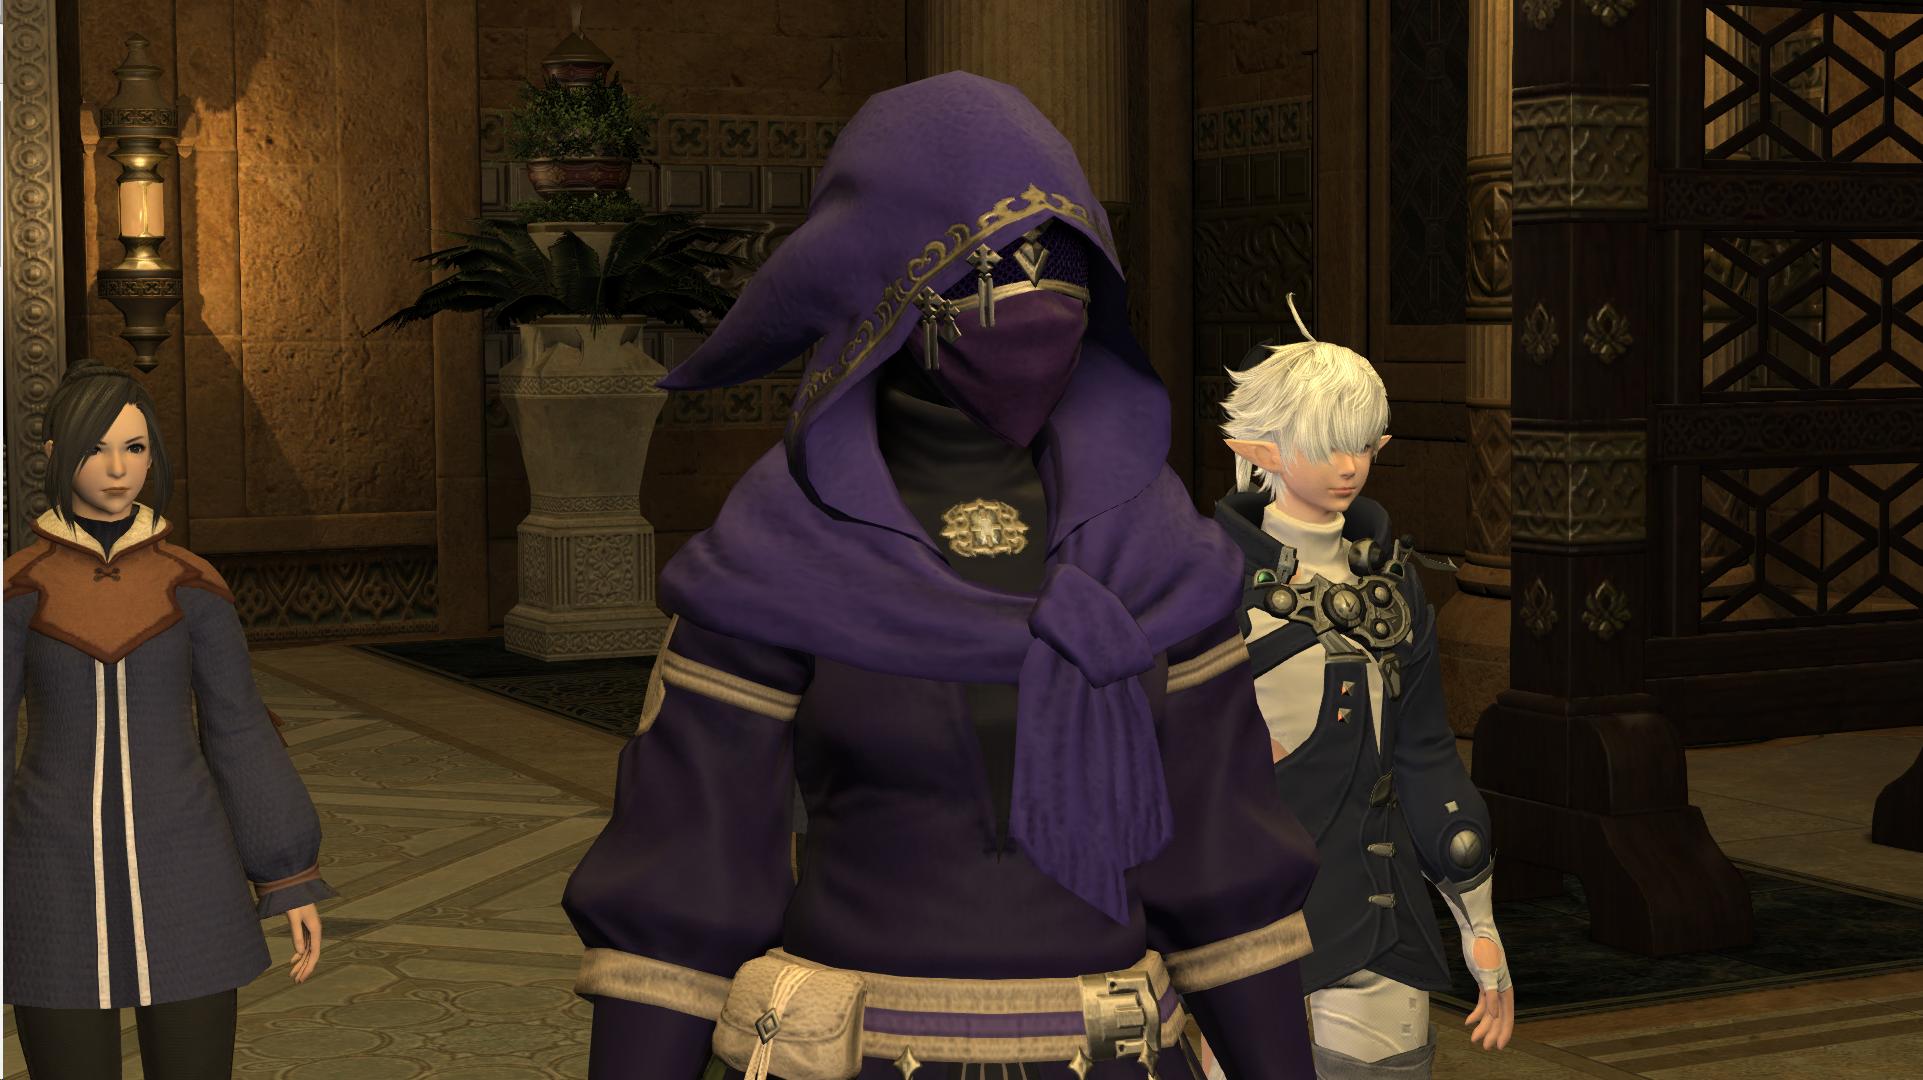 Yugiri's mask/hood for glamour? : ffxiv